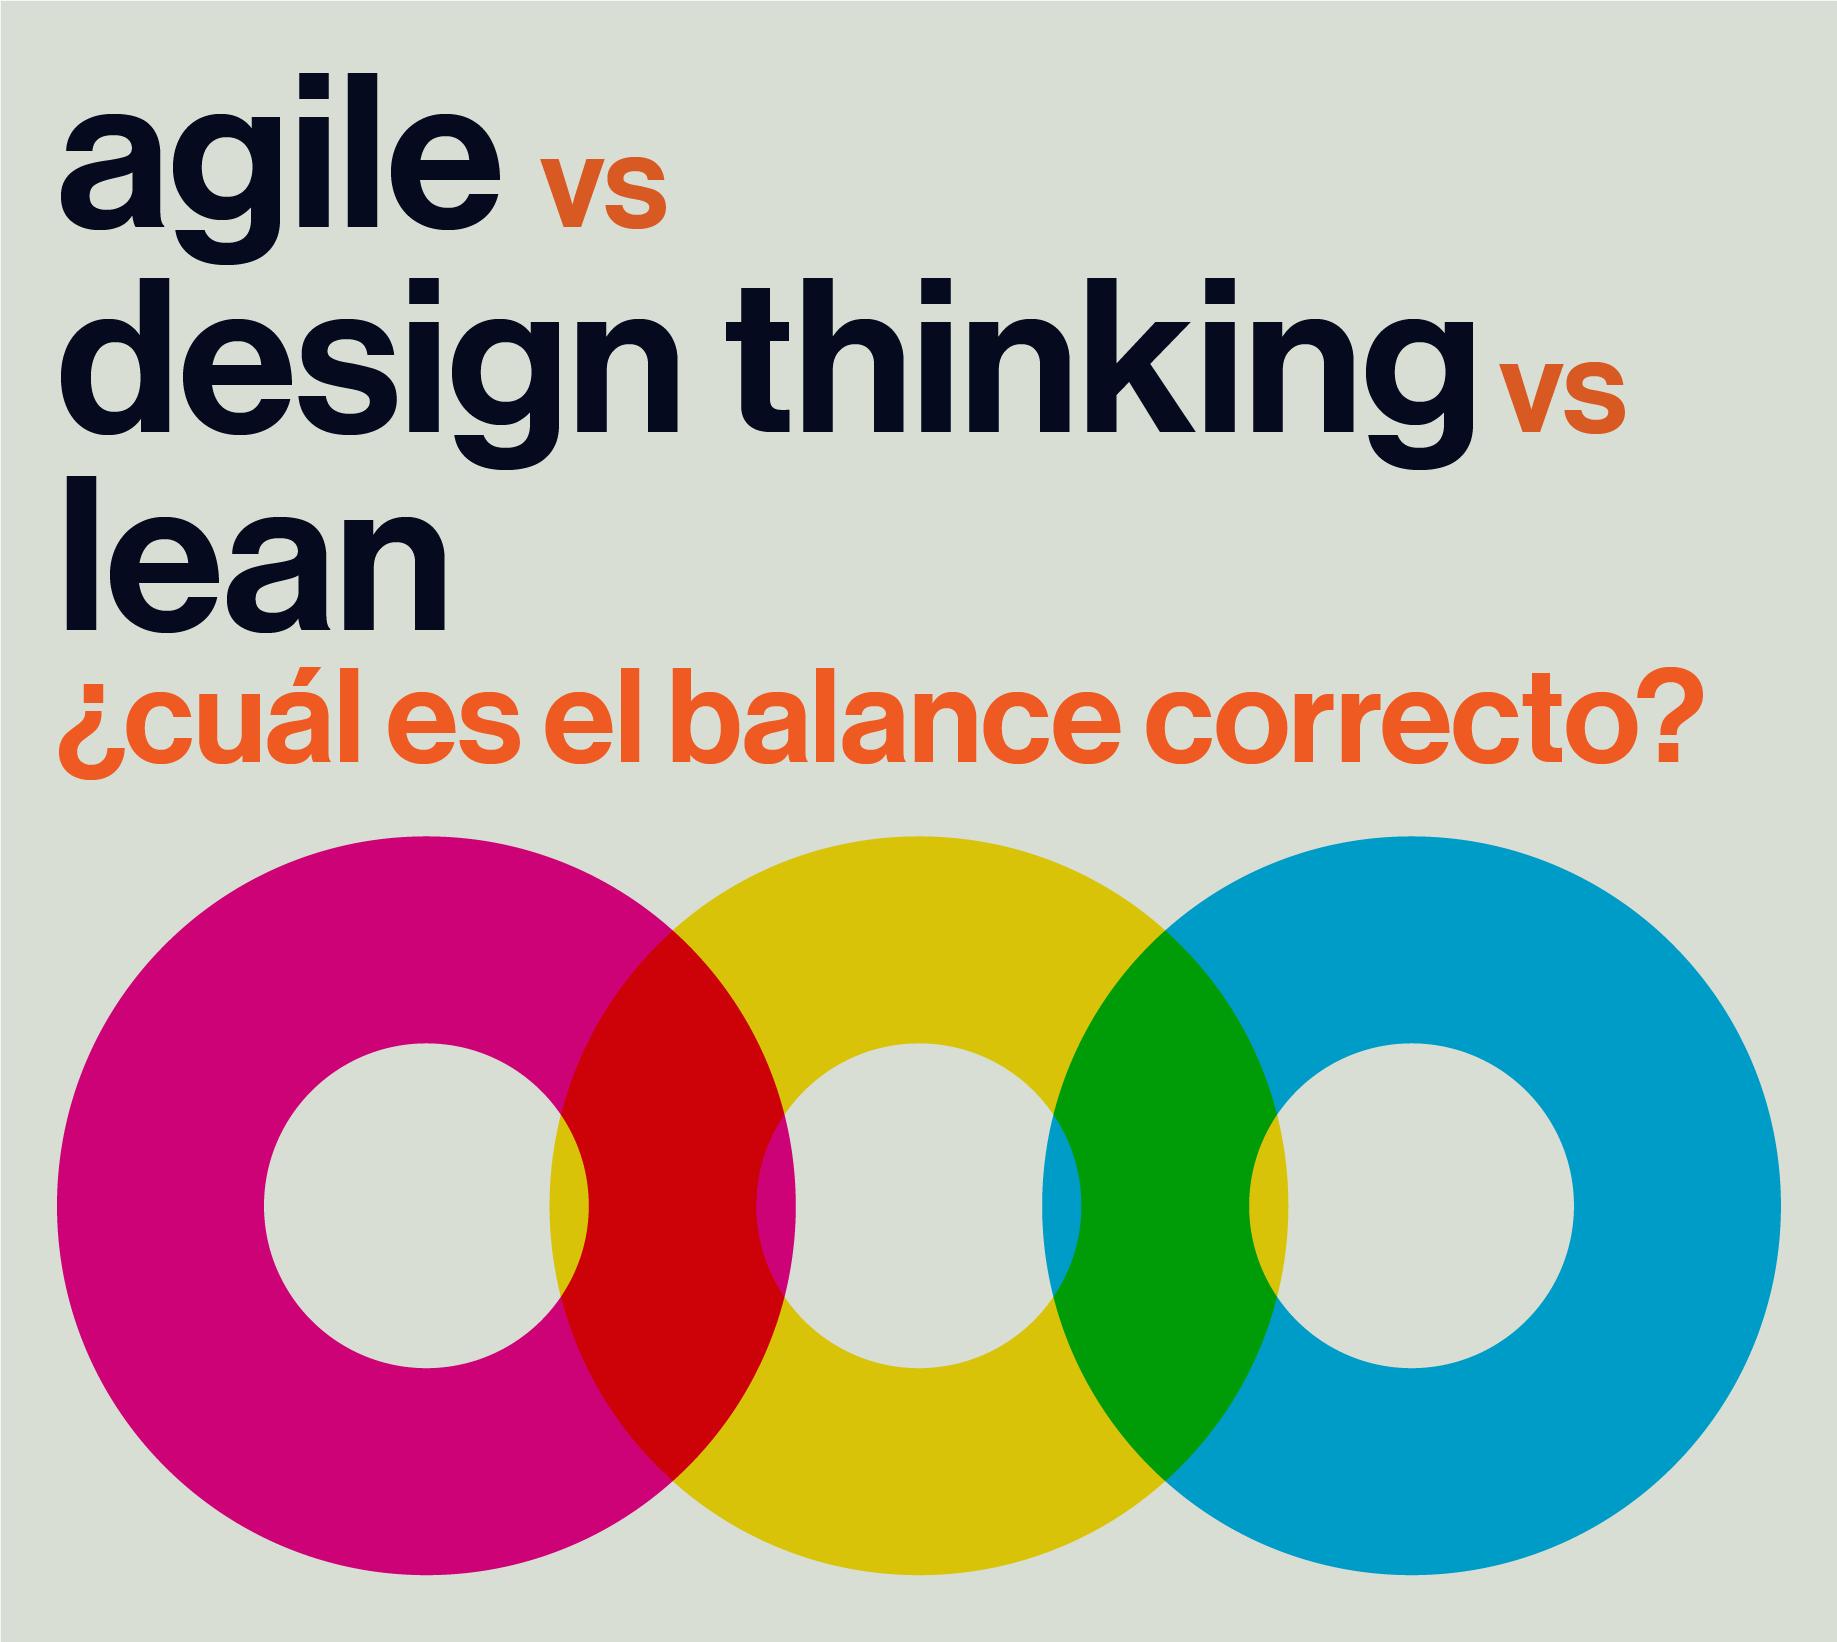 Conferencia agile vs design thinking vs lean cu l es el for Waterfall vs design thinking